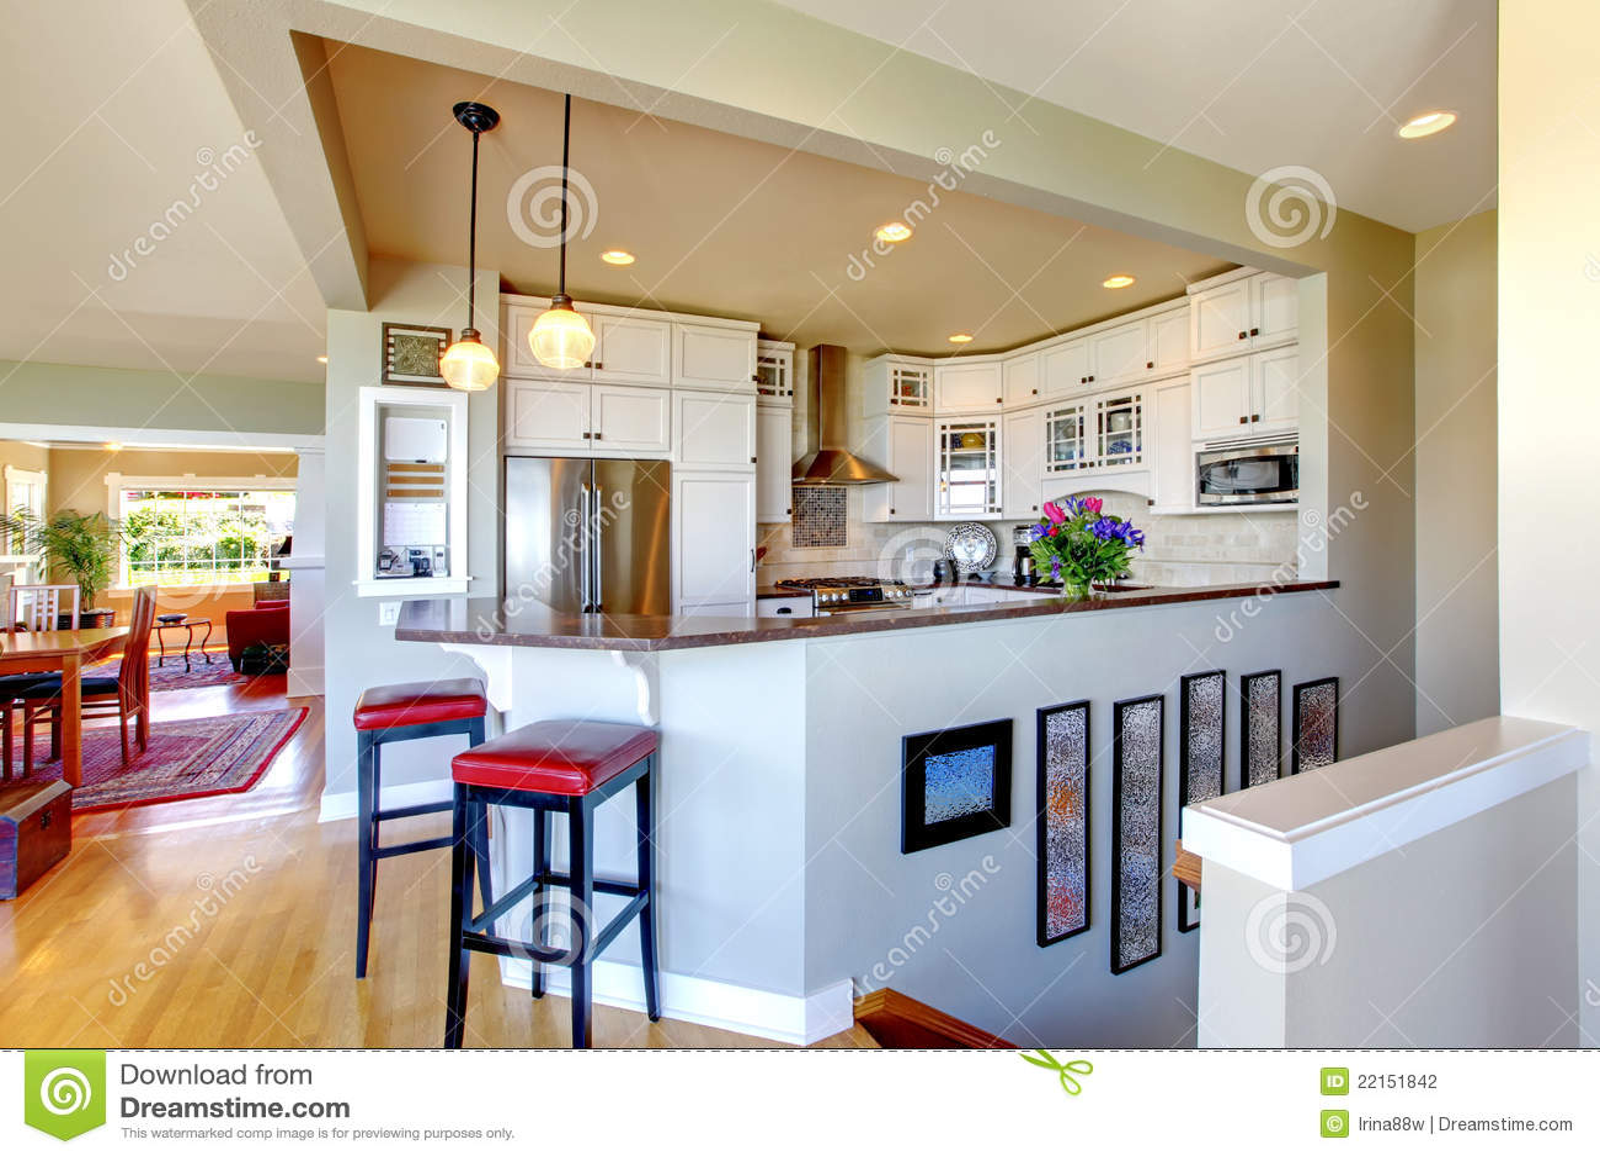 Dise o interior de la cocina cabinas y barra blancas for Cocina con barra de retorno